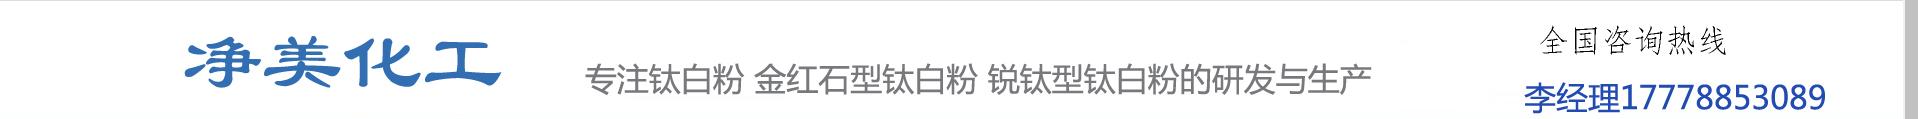 沧州净美化工产品有限公司